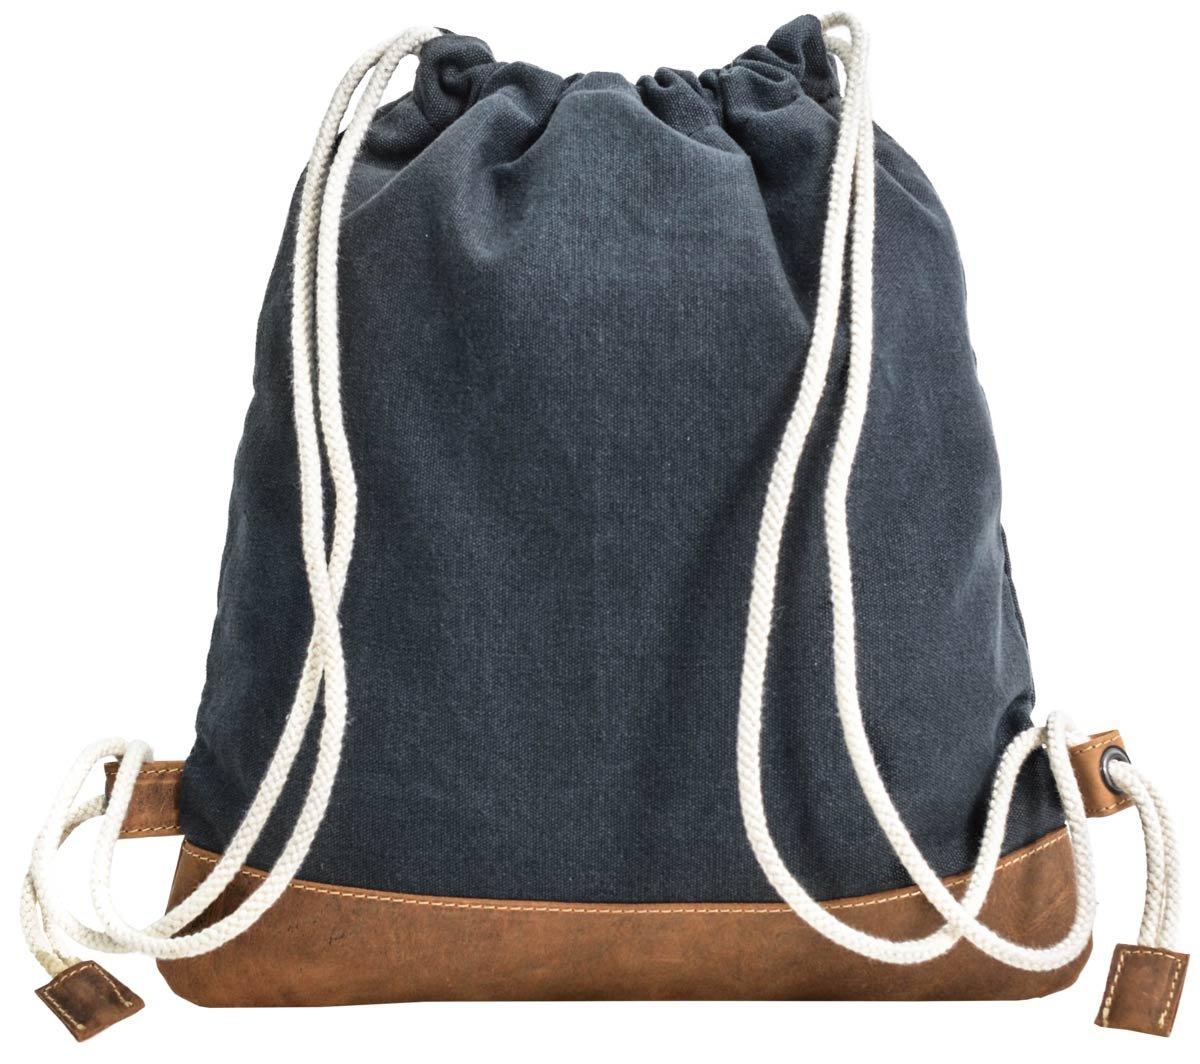 Gusti Cuir studio Bert sac /à dos bi-mati/ère sac /à dos pour tous les jours bagage /à main voyage sac port/é dos homme femme cuir de buffle bleu 2M67-20-12 Sac /à dos